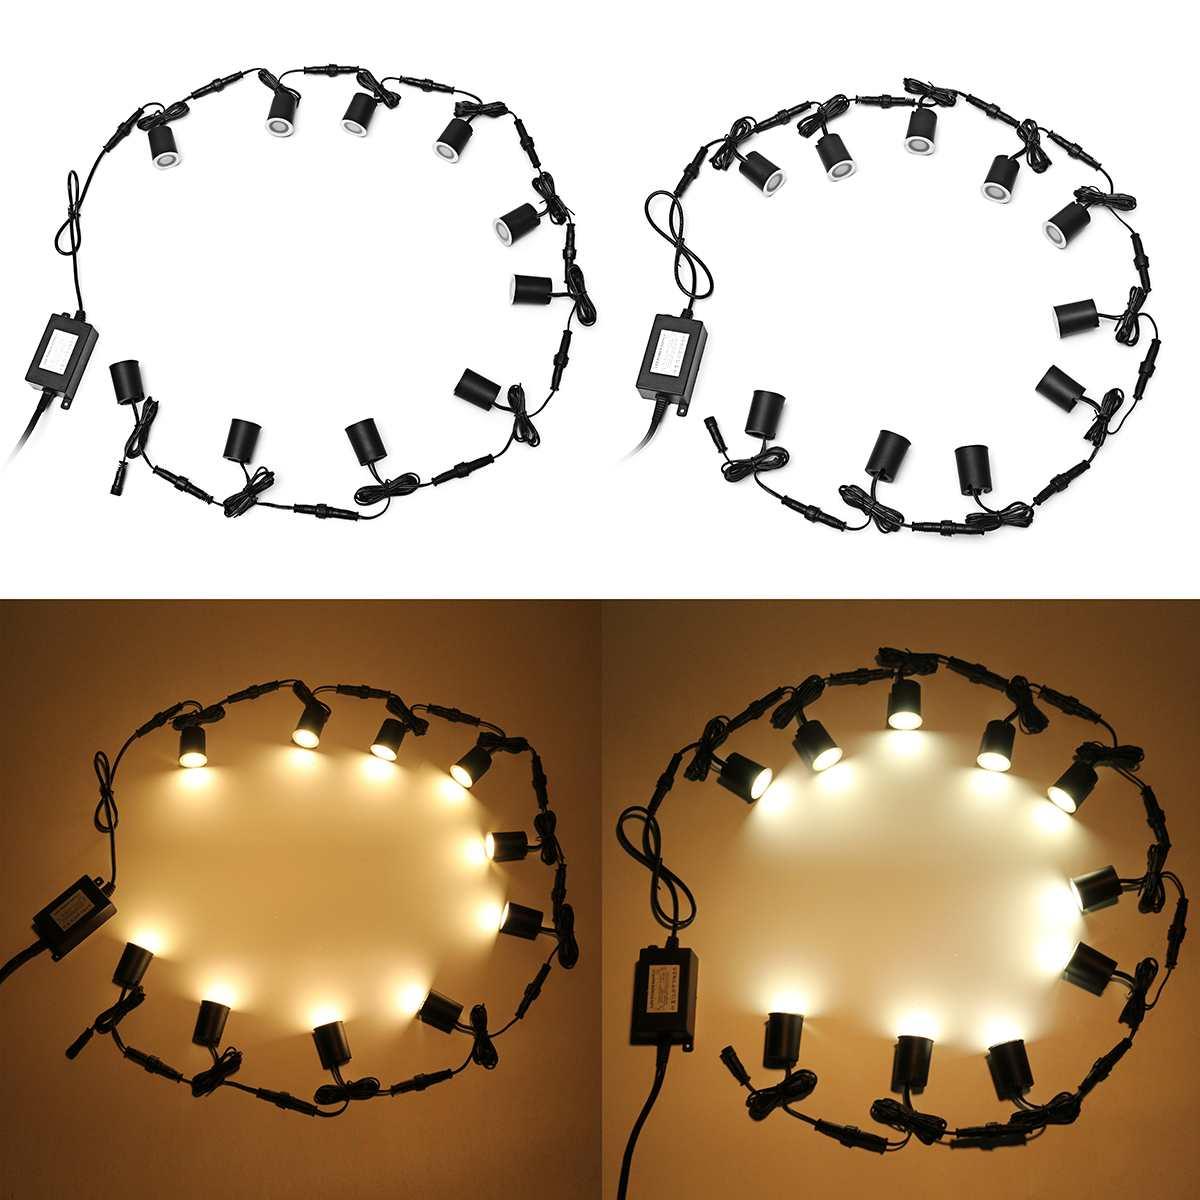 חסר 10 יח'\חבילה 32mm LED סיפון אור עמיד למים קבור מנורות מחוץ שקוע מדרגות מנורת LED קיר אור קיר זרקור